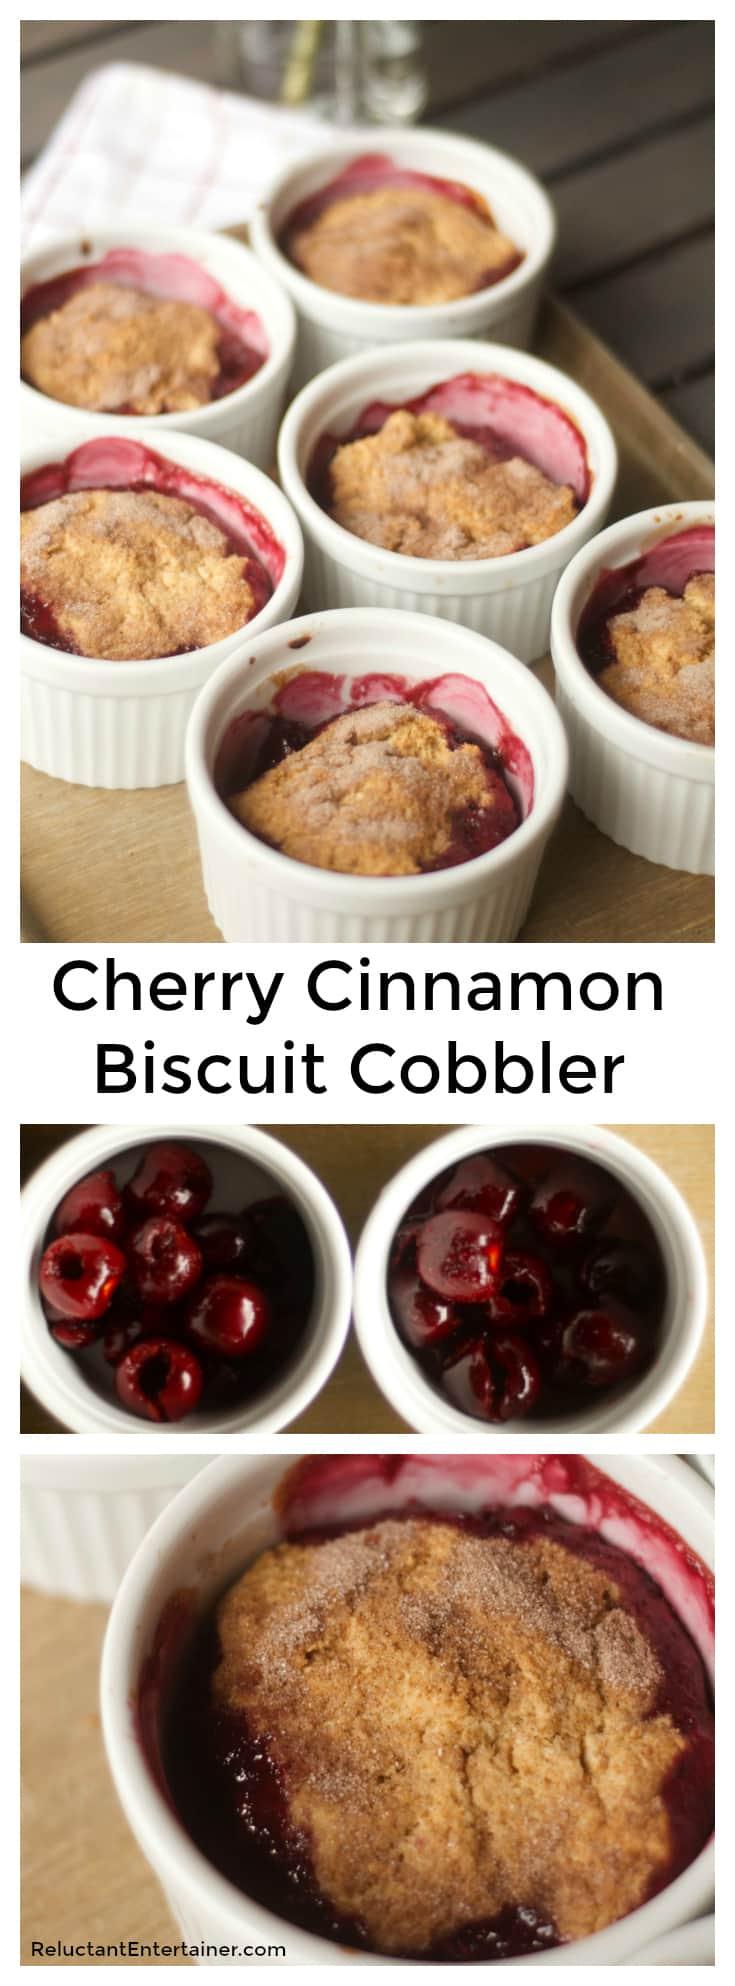 Cherry Cinnamon-Biscuit Cobbler Recipe